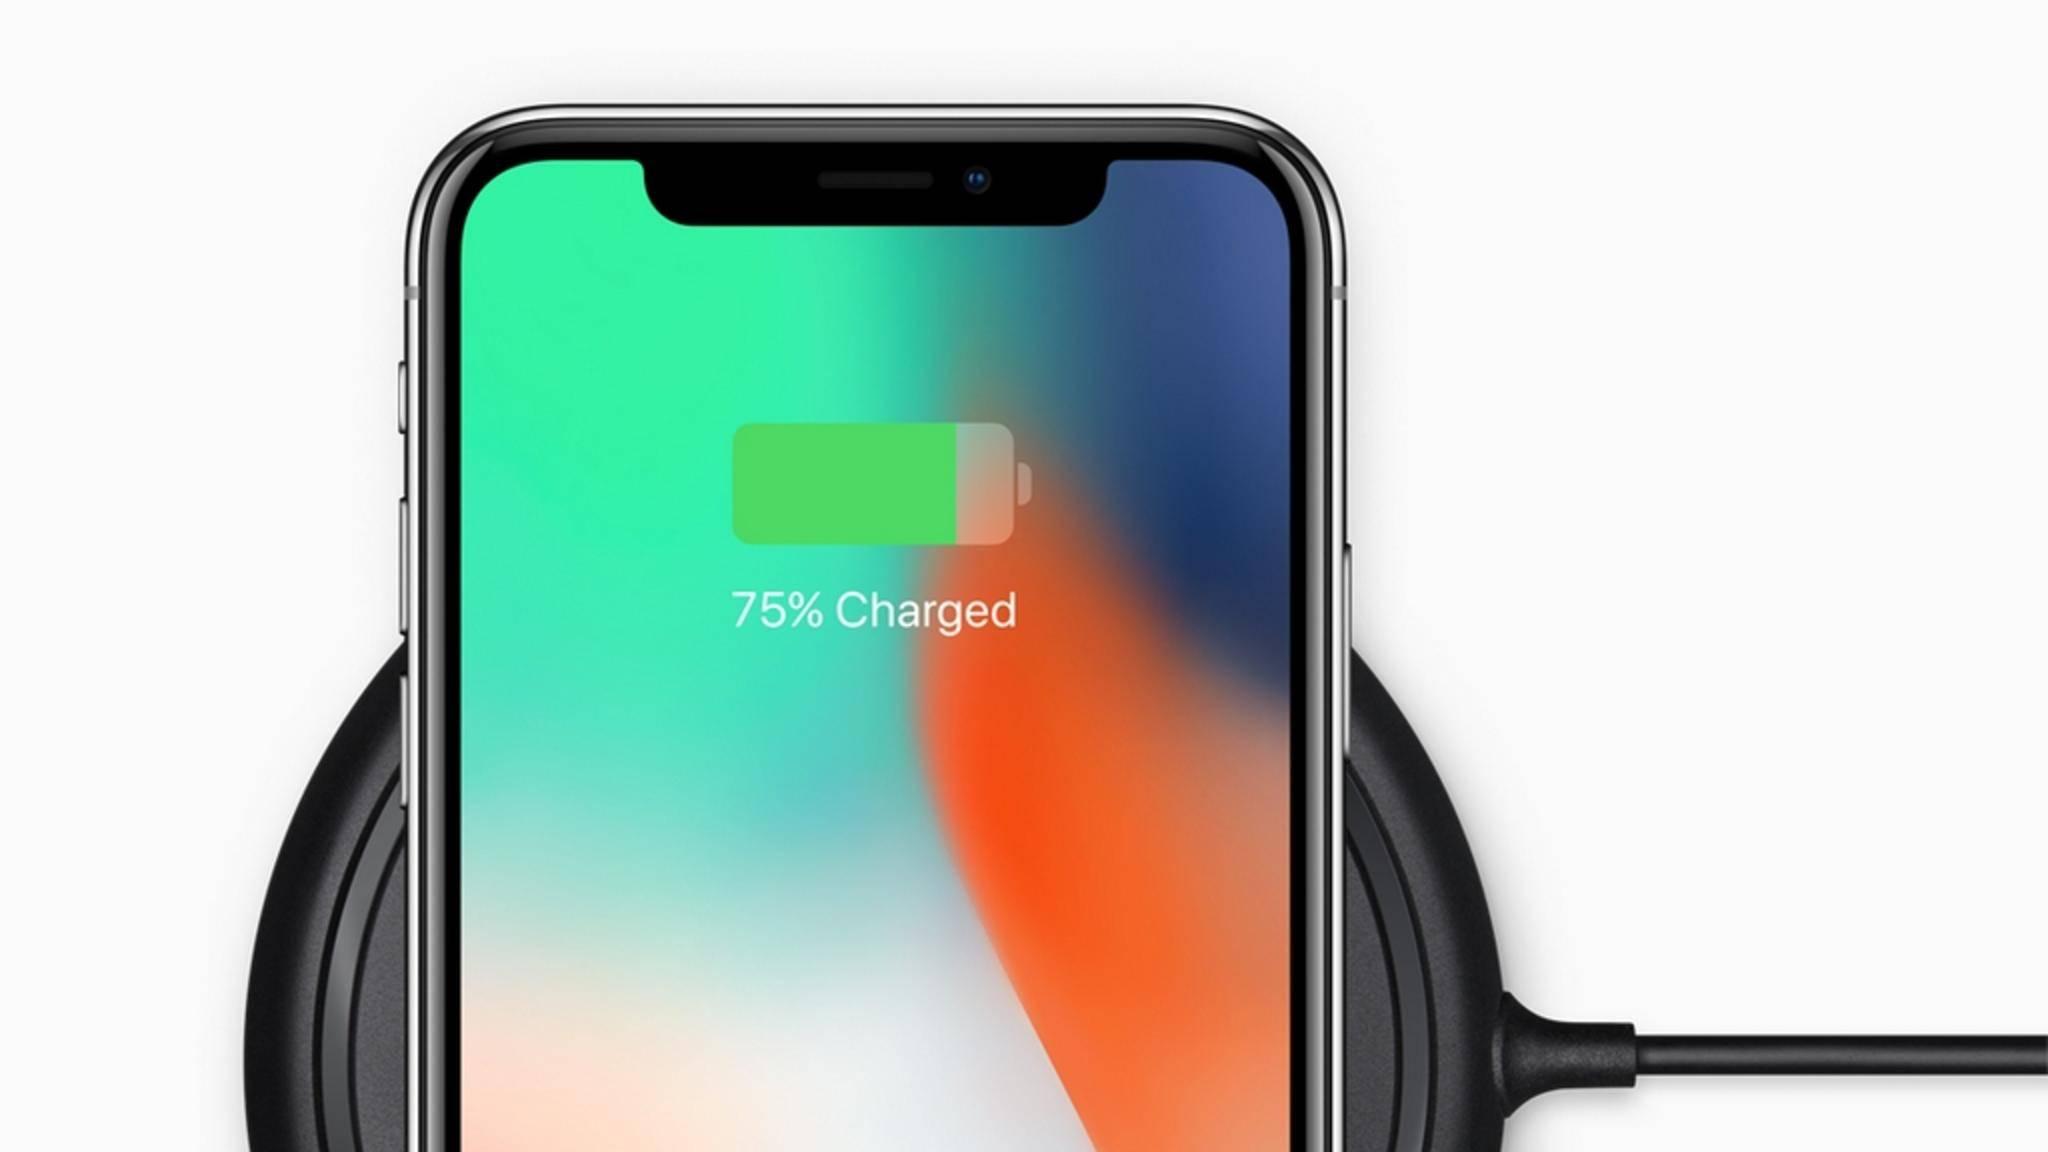 Das iPhone X kann nicht nur Wireless, sondern auch Fast Charging.